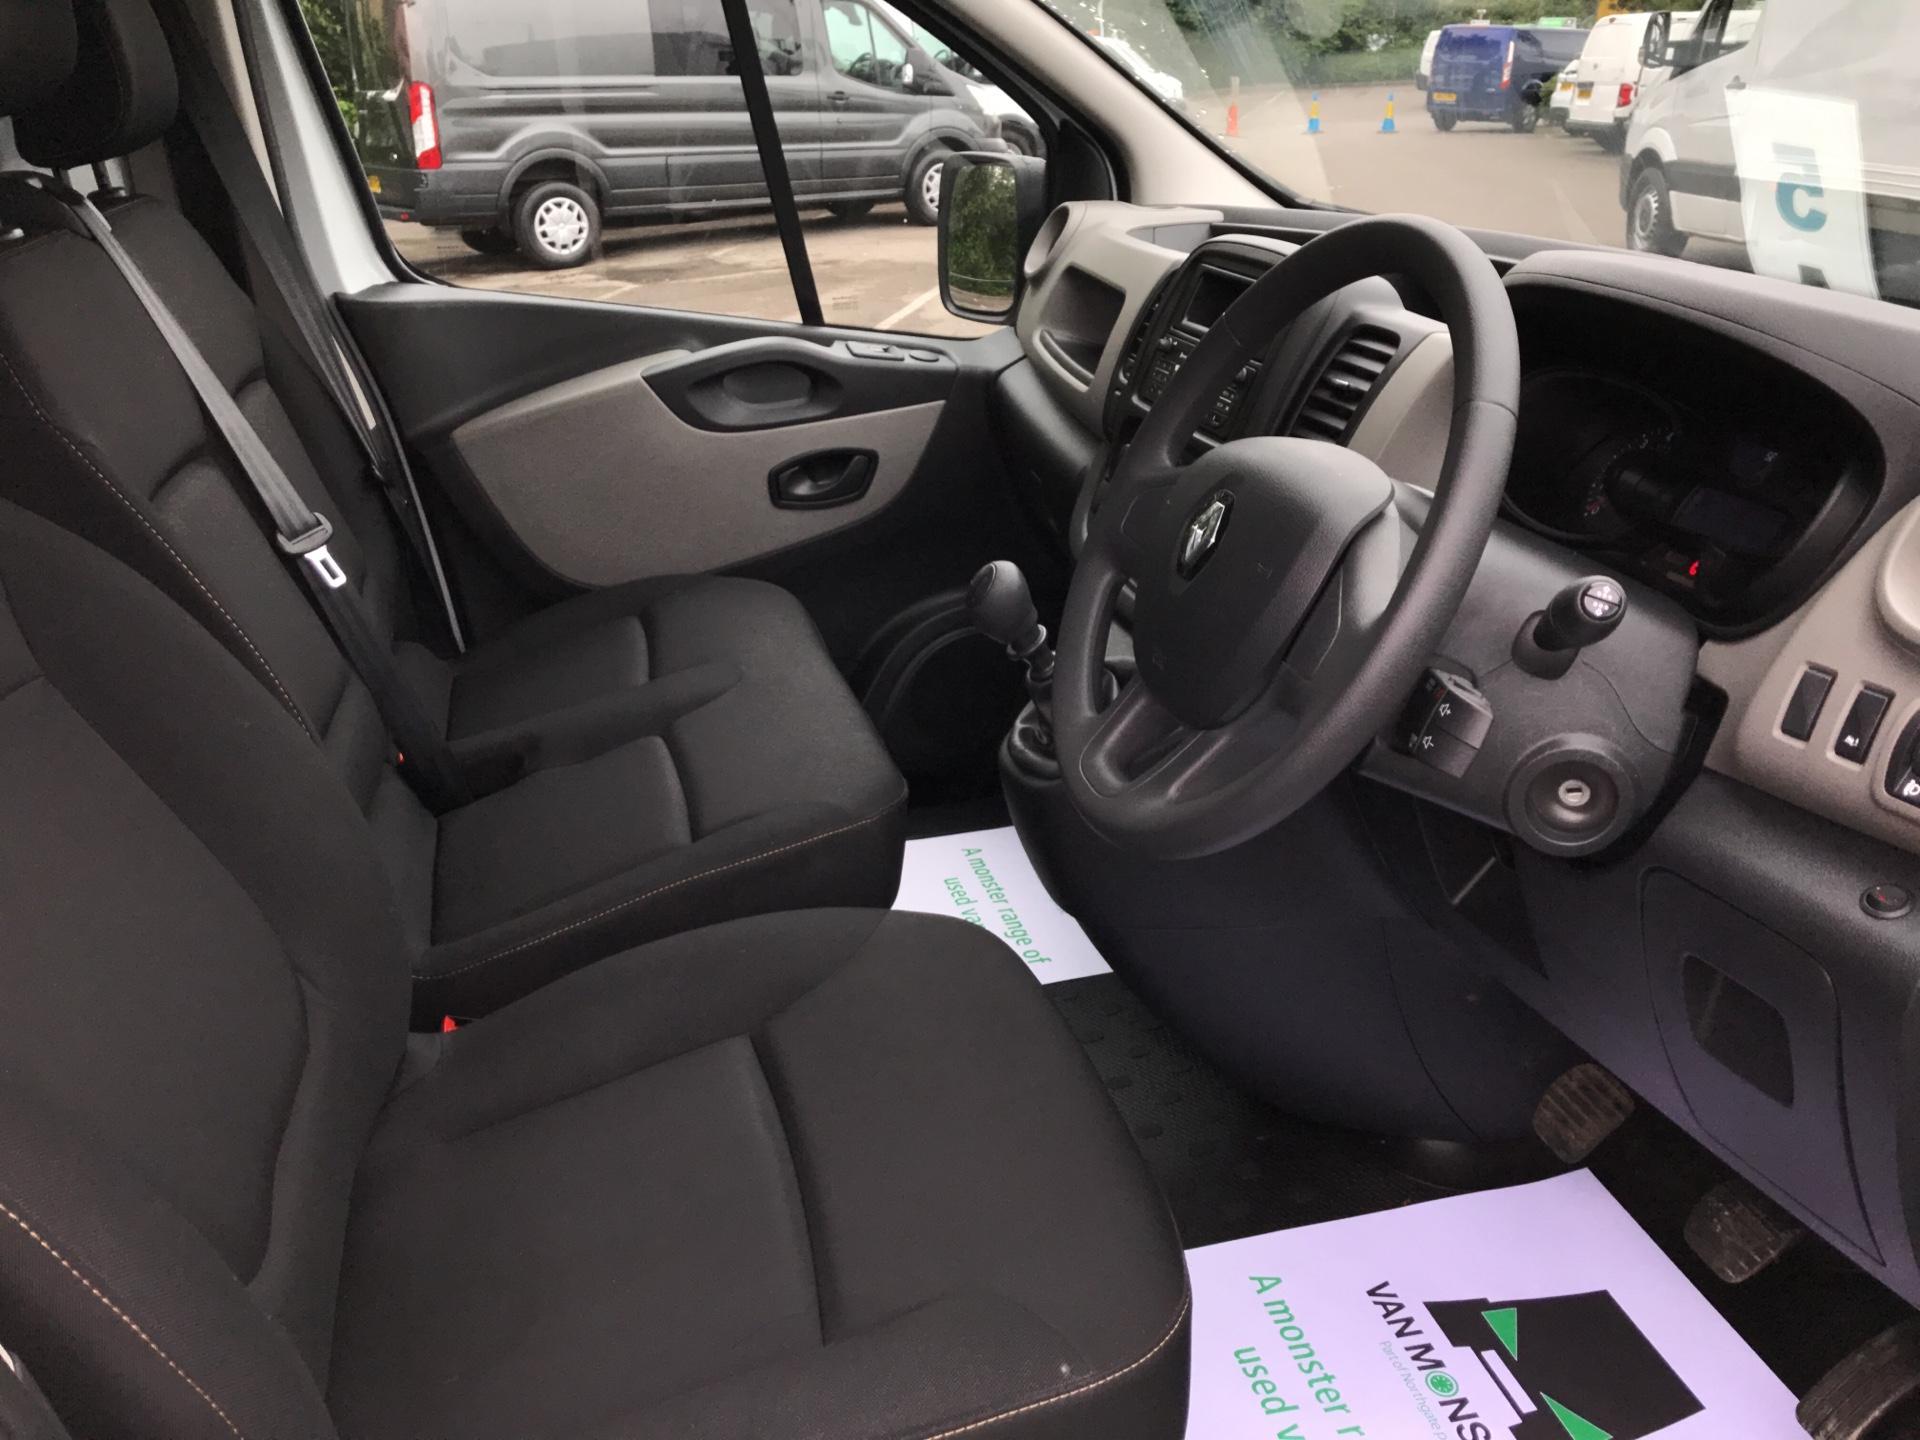 2017 Renault Trafic SL27 ENERGY DCI 125  BUSINESS VAN EURO 6 (HN67YRG) Image 9